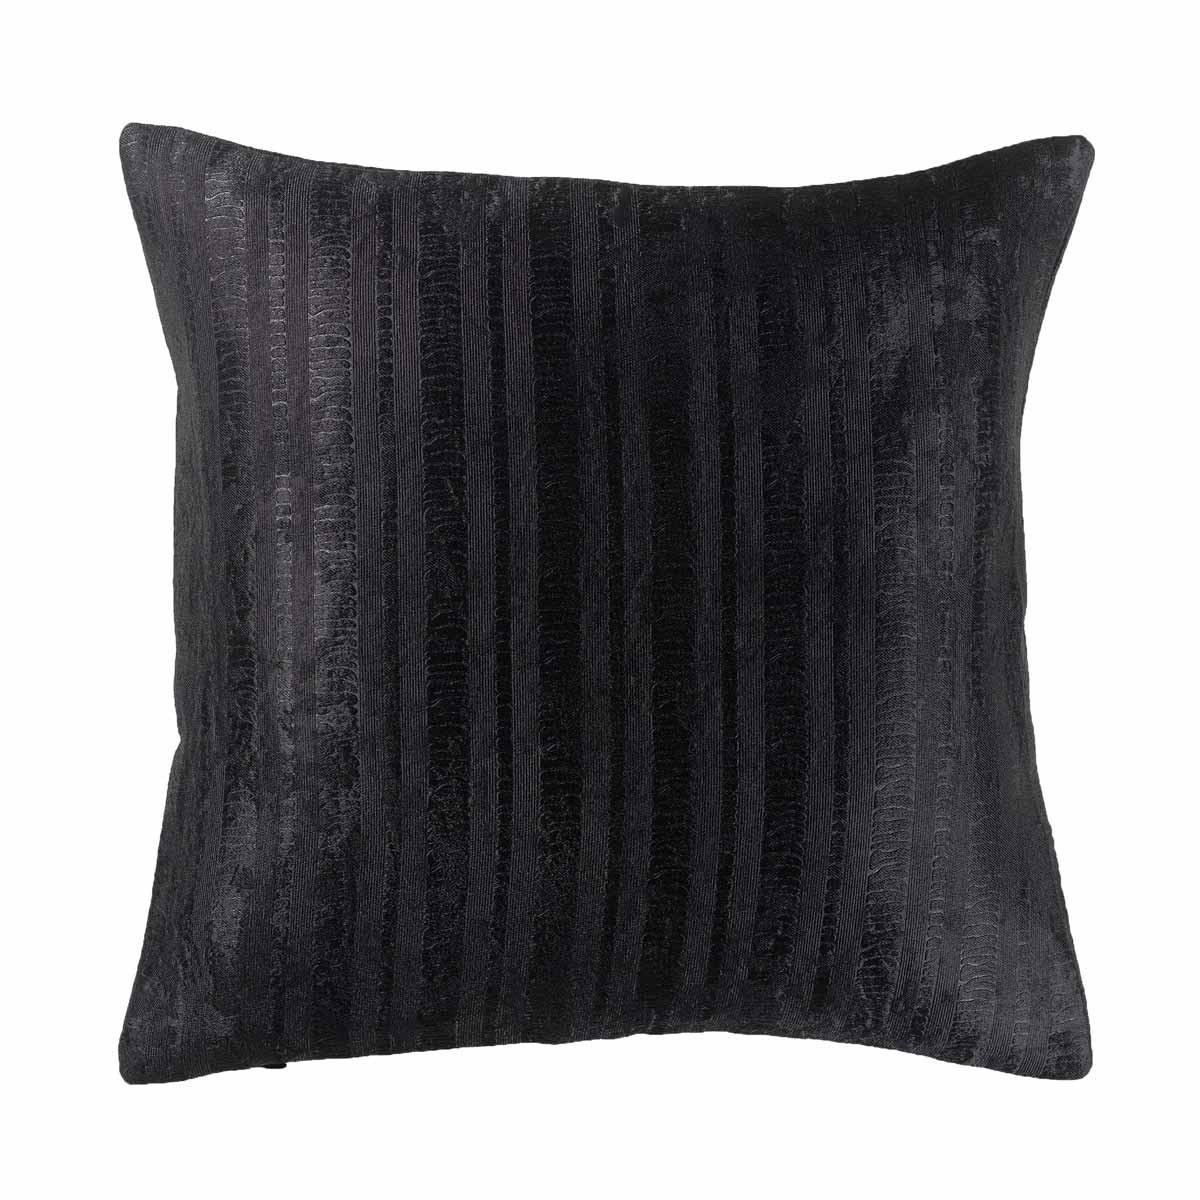 Διακοσμητική Μαξιλαροθήκη Paleo Noir 1607665